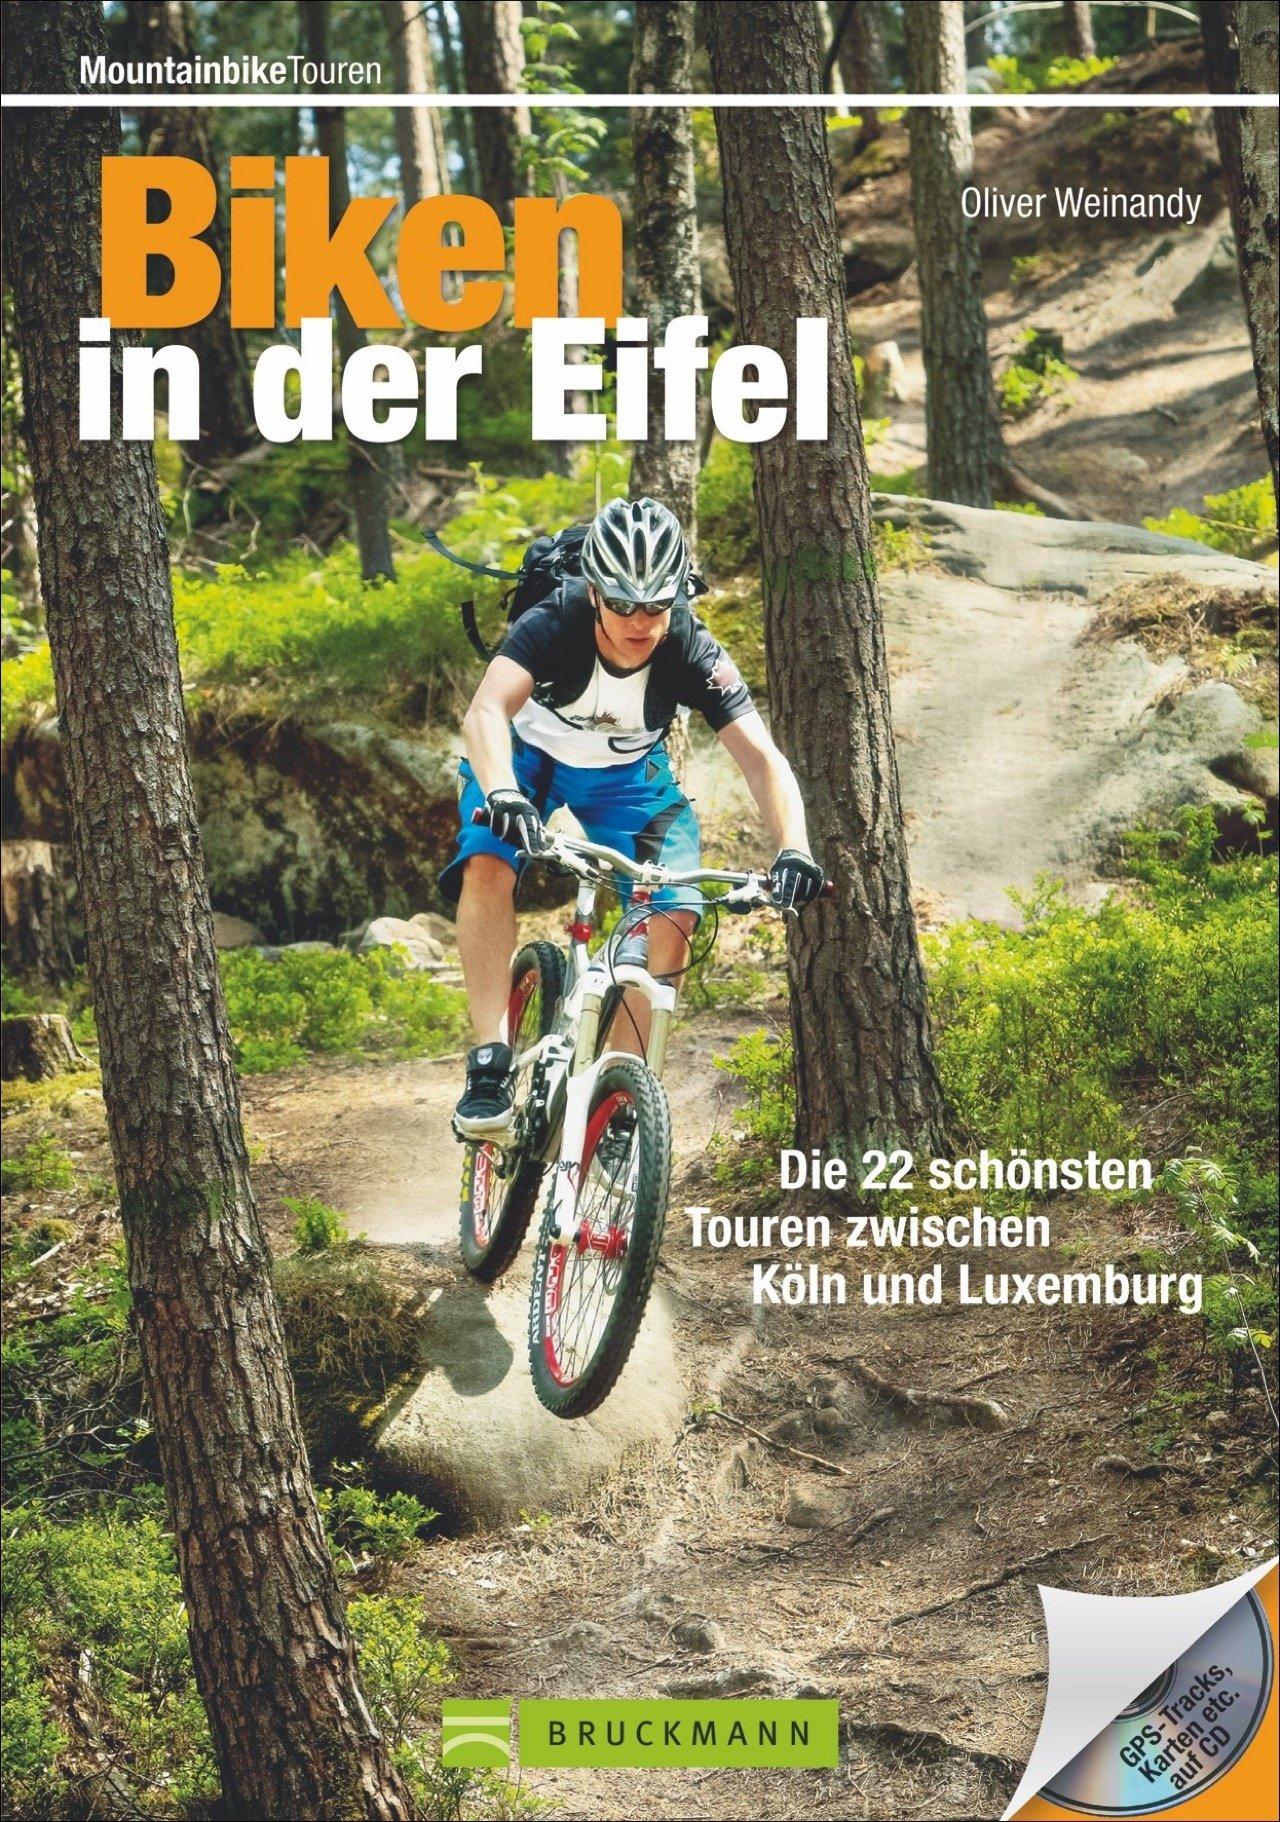 biken-in-der-eifel-die-22-schnsten-touren-zwischen-kln-und-trier-mountainbiketouren